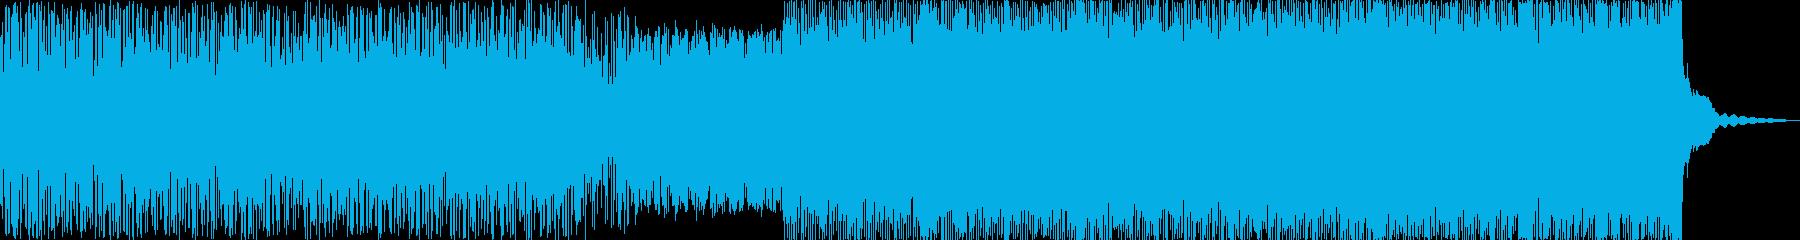 ラテン系 サスペンス アクション ...の再生済みの波形